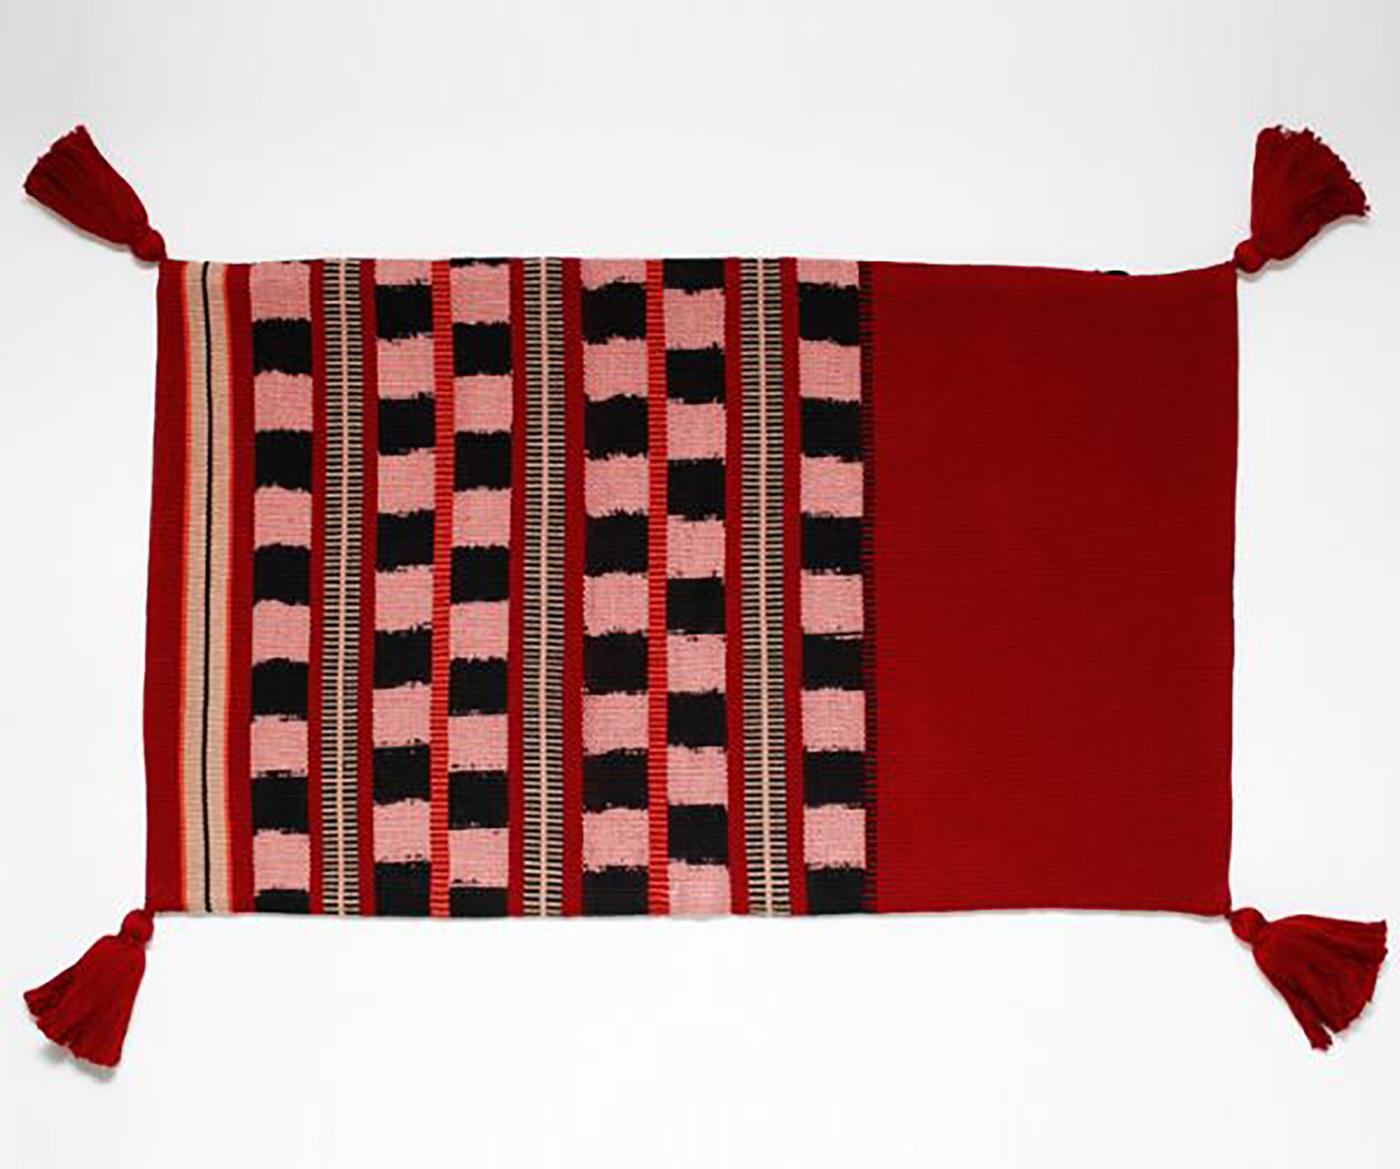 패브릭 쿠션 커퍼 로호(J_Rojo)/핸드메이드 패브릭 쿠션커버(50×30cm) 상세이미지3